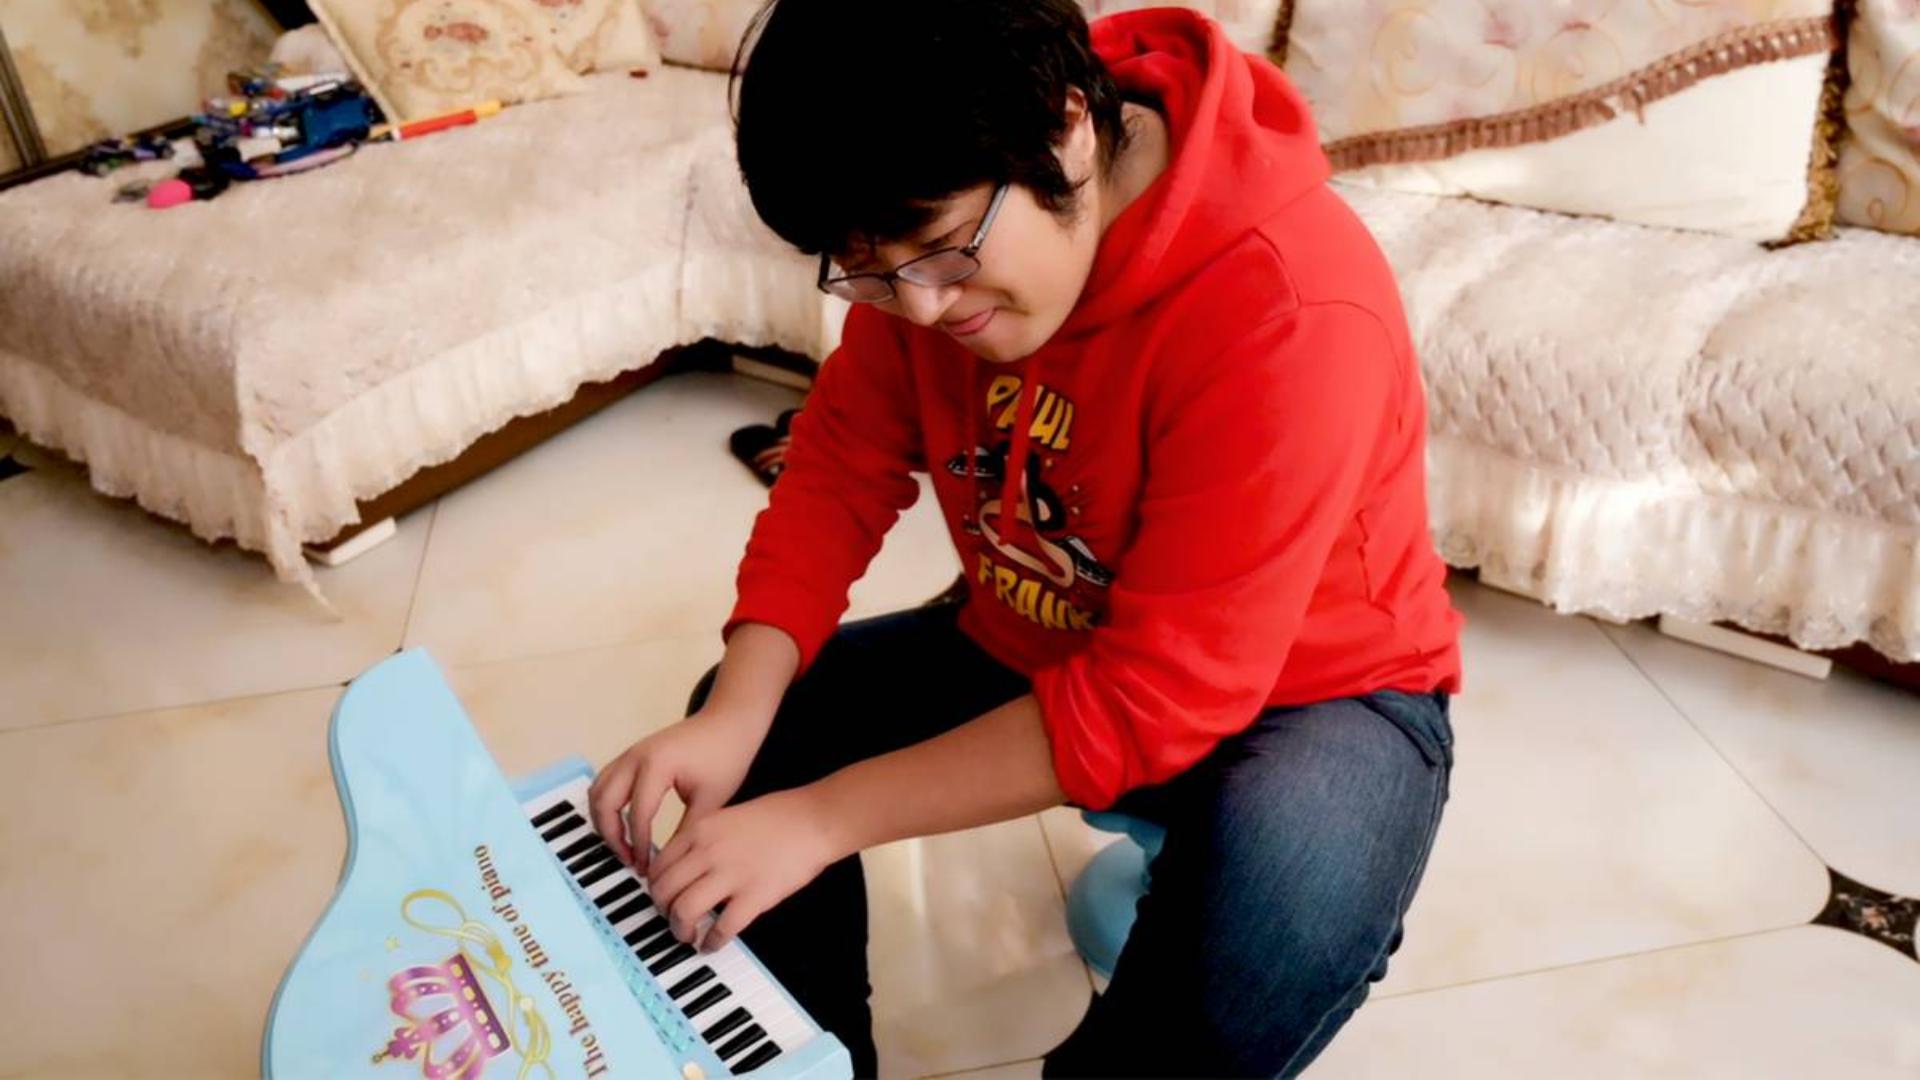 开箱价值60块钱的高端钢琴,弹琴卡拉OK逛动物园一应俱全